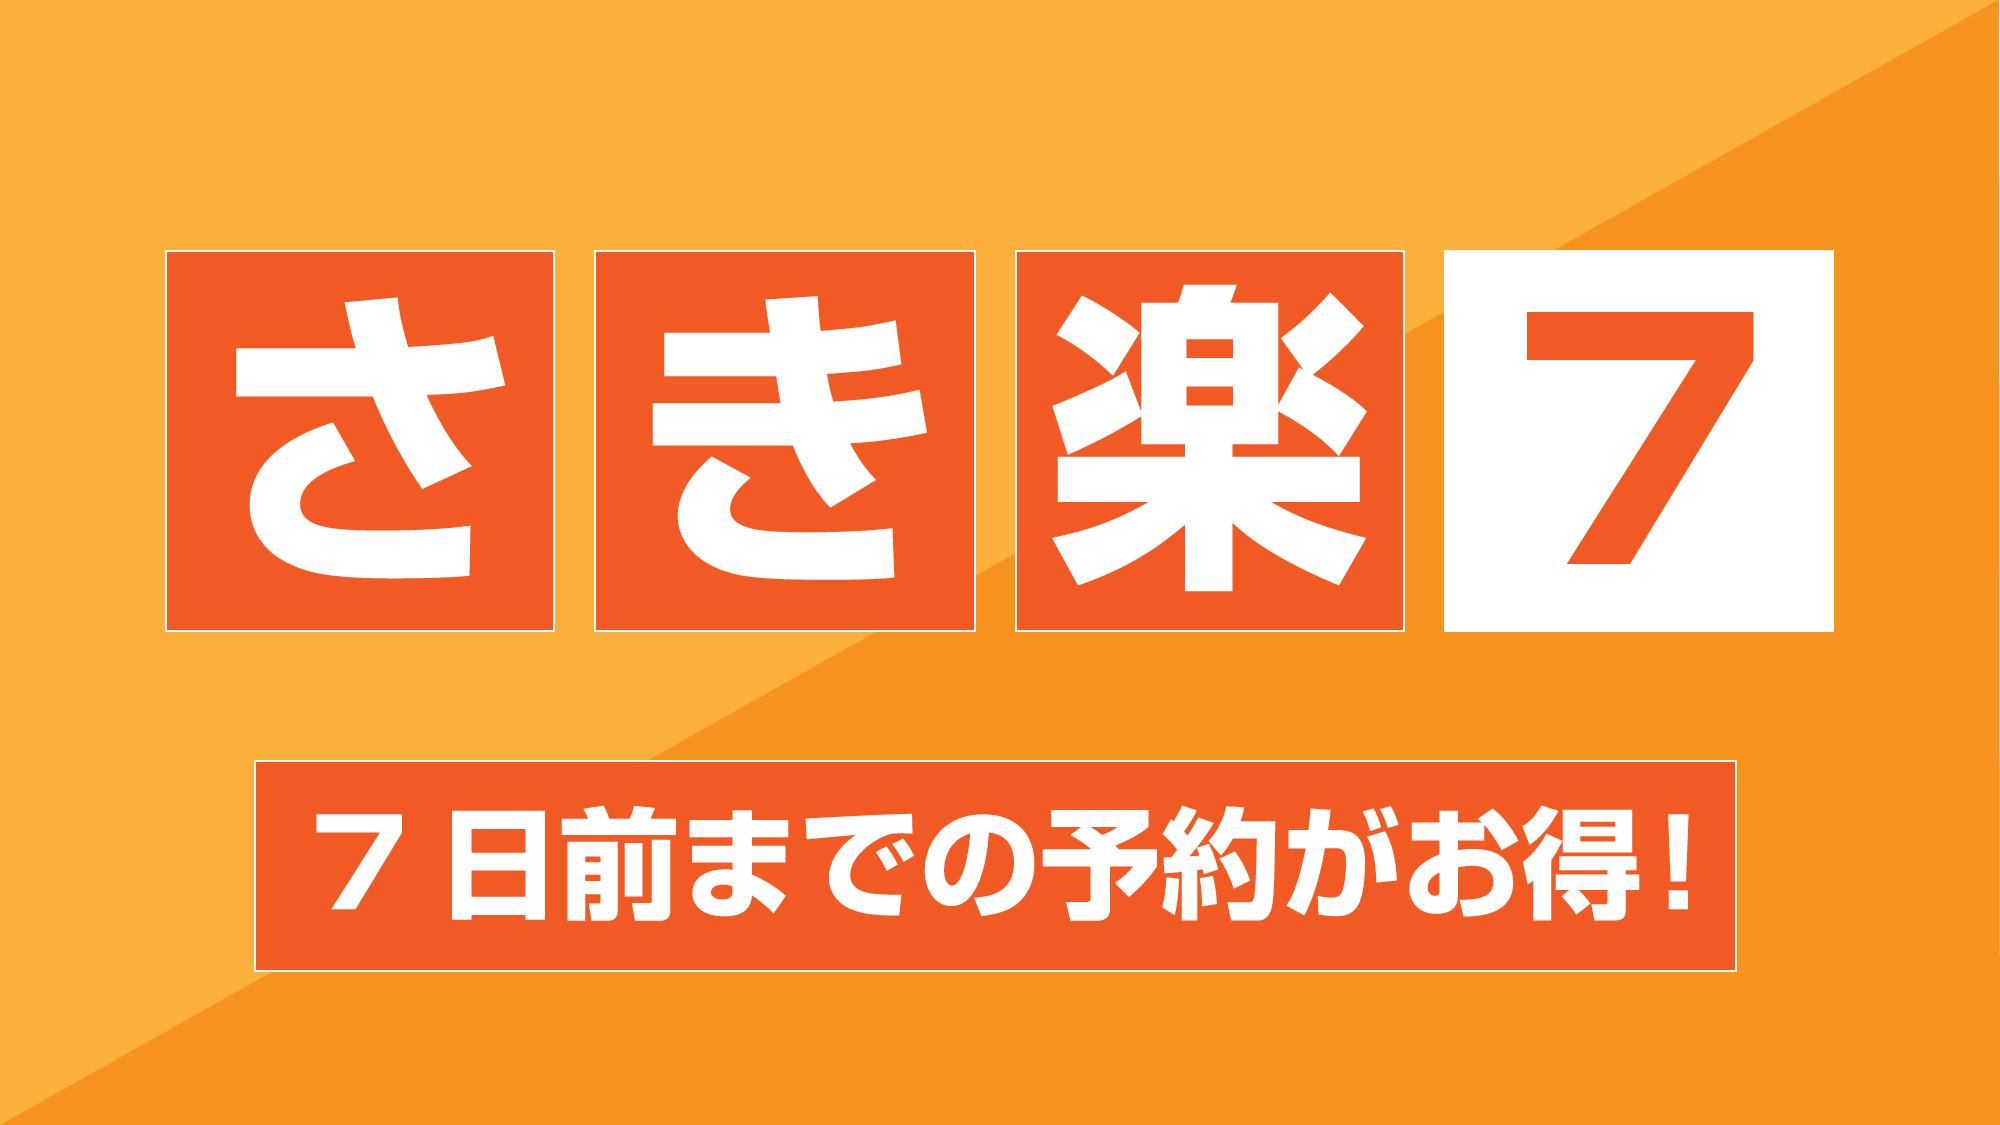 【さき楽7】朝食付プラン ■7日前にご予約されるならコチラ!■